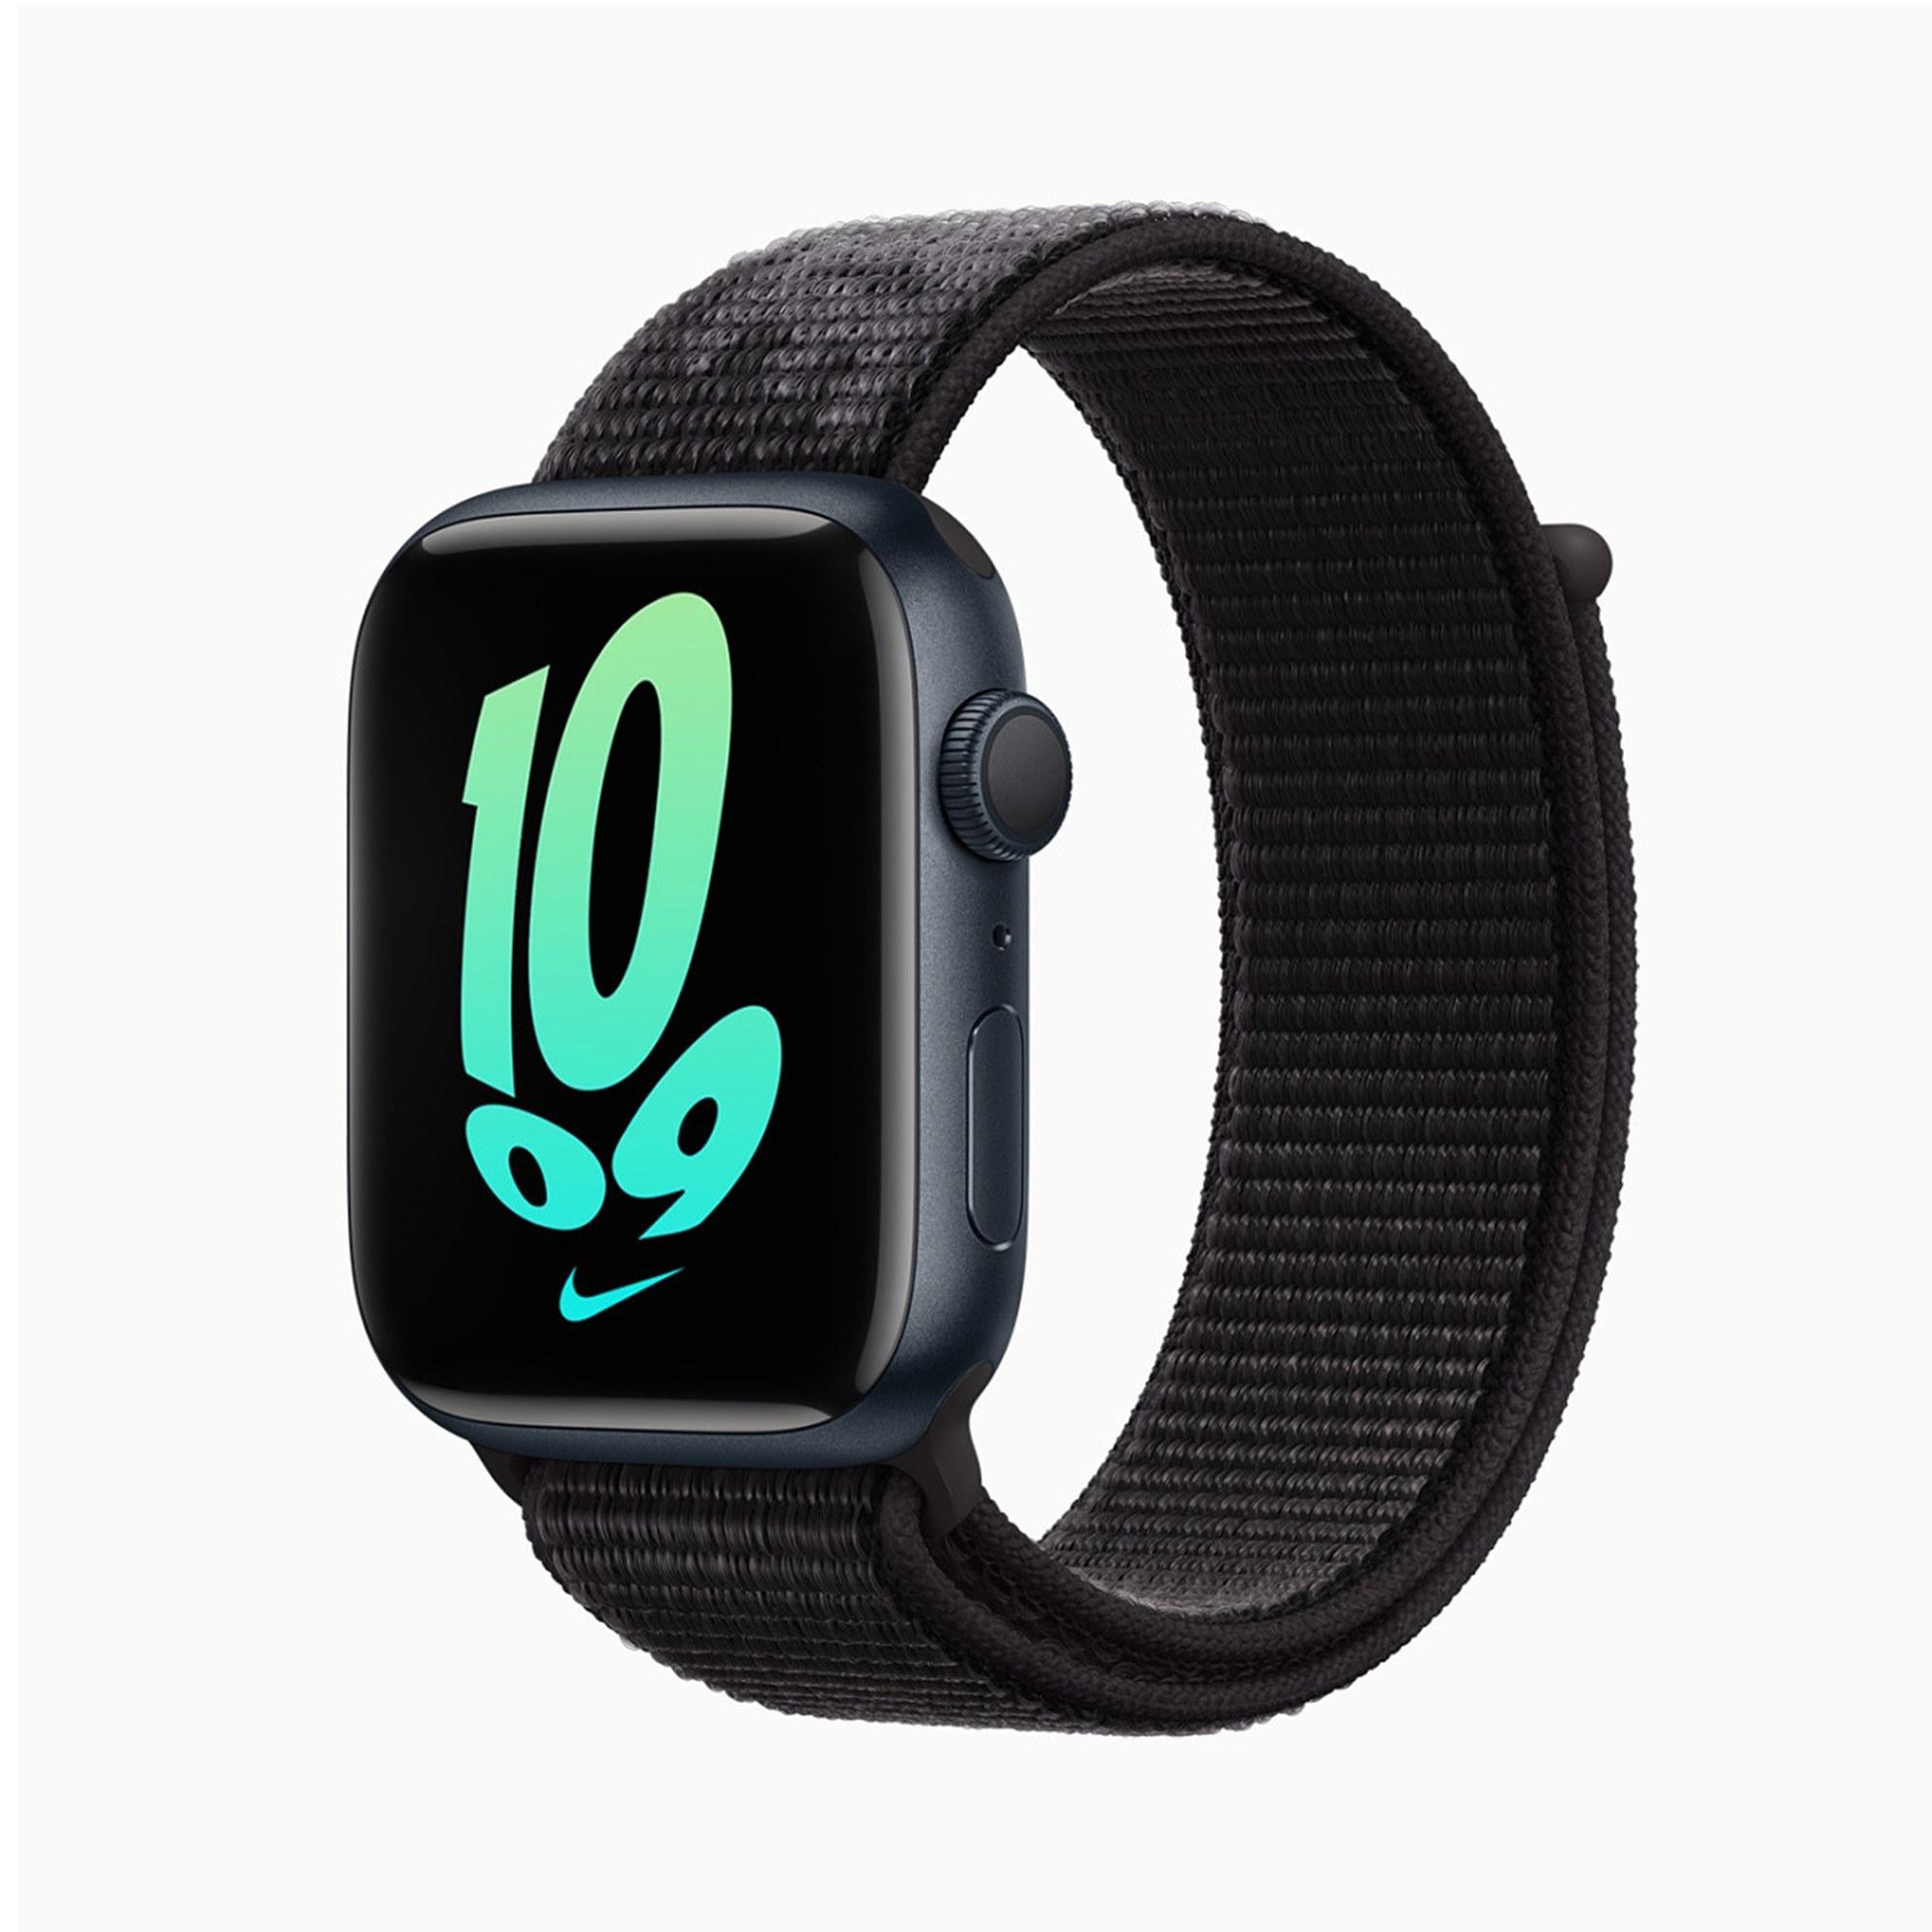 تصویر Apple Watch Series 7 se 44mm – ساعت اپل سری 7 اس ای 44 میلیمتر